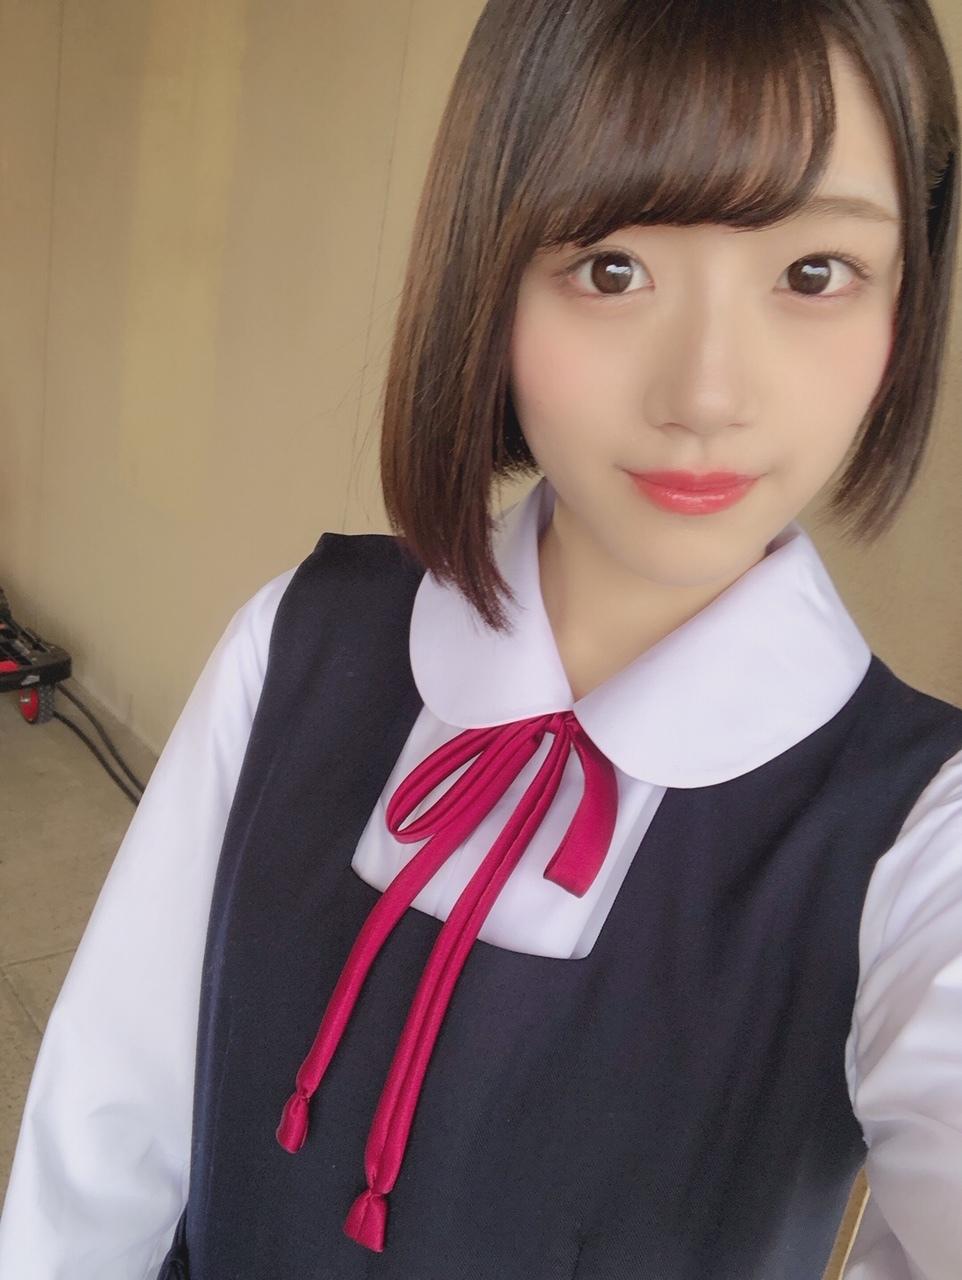 佐々木 美玲公式ブログ 日向坂46公式サイト